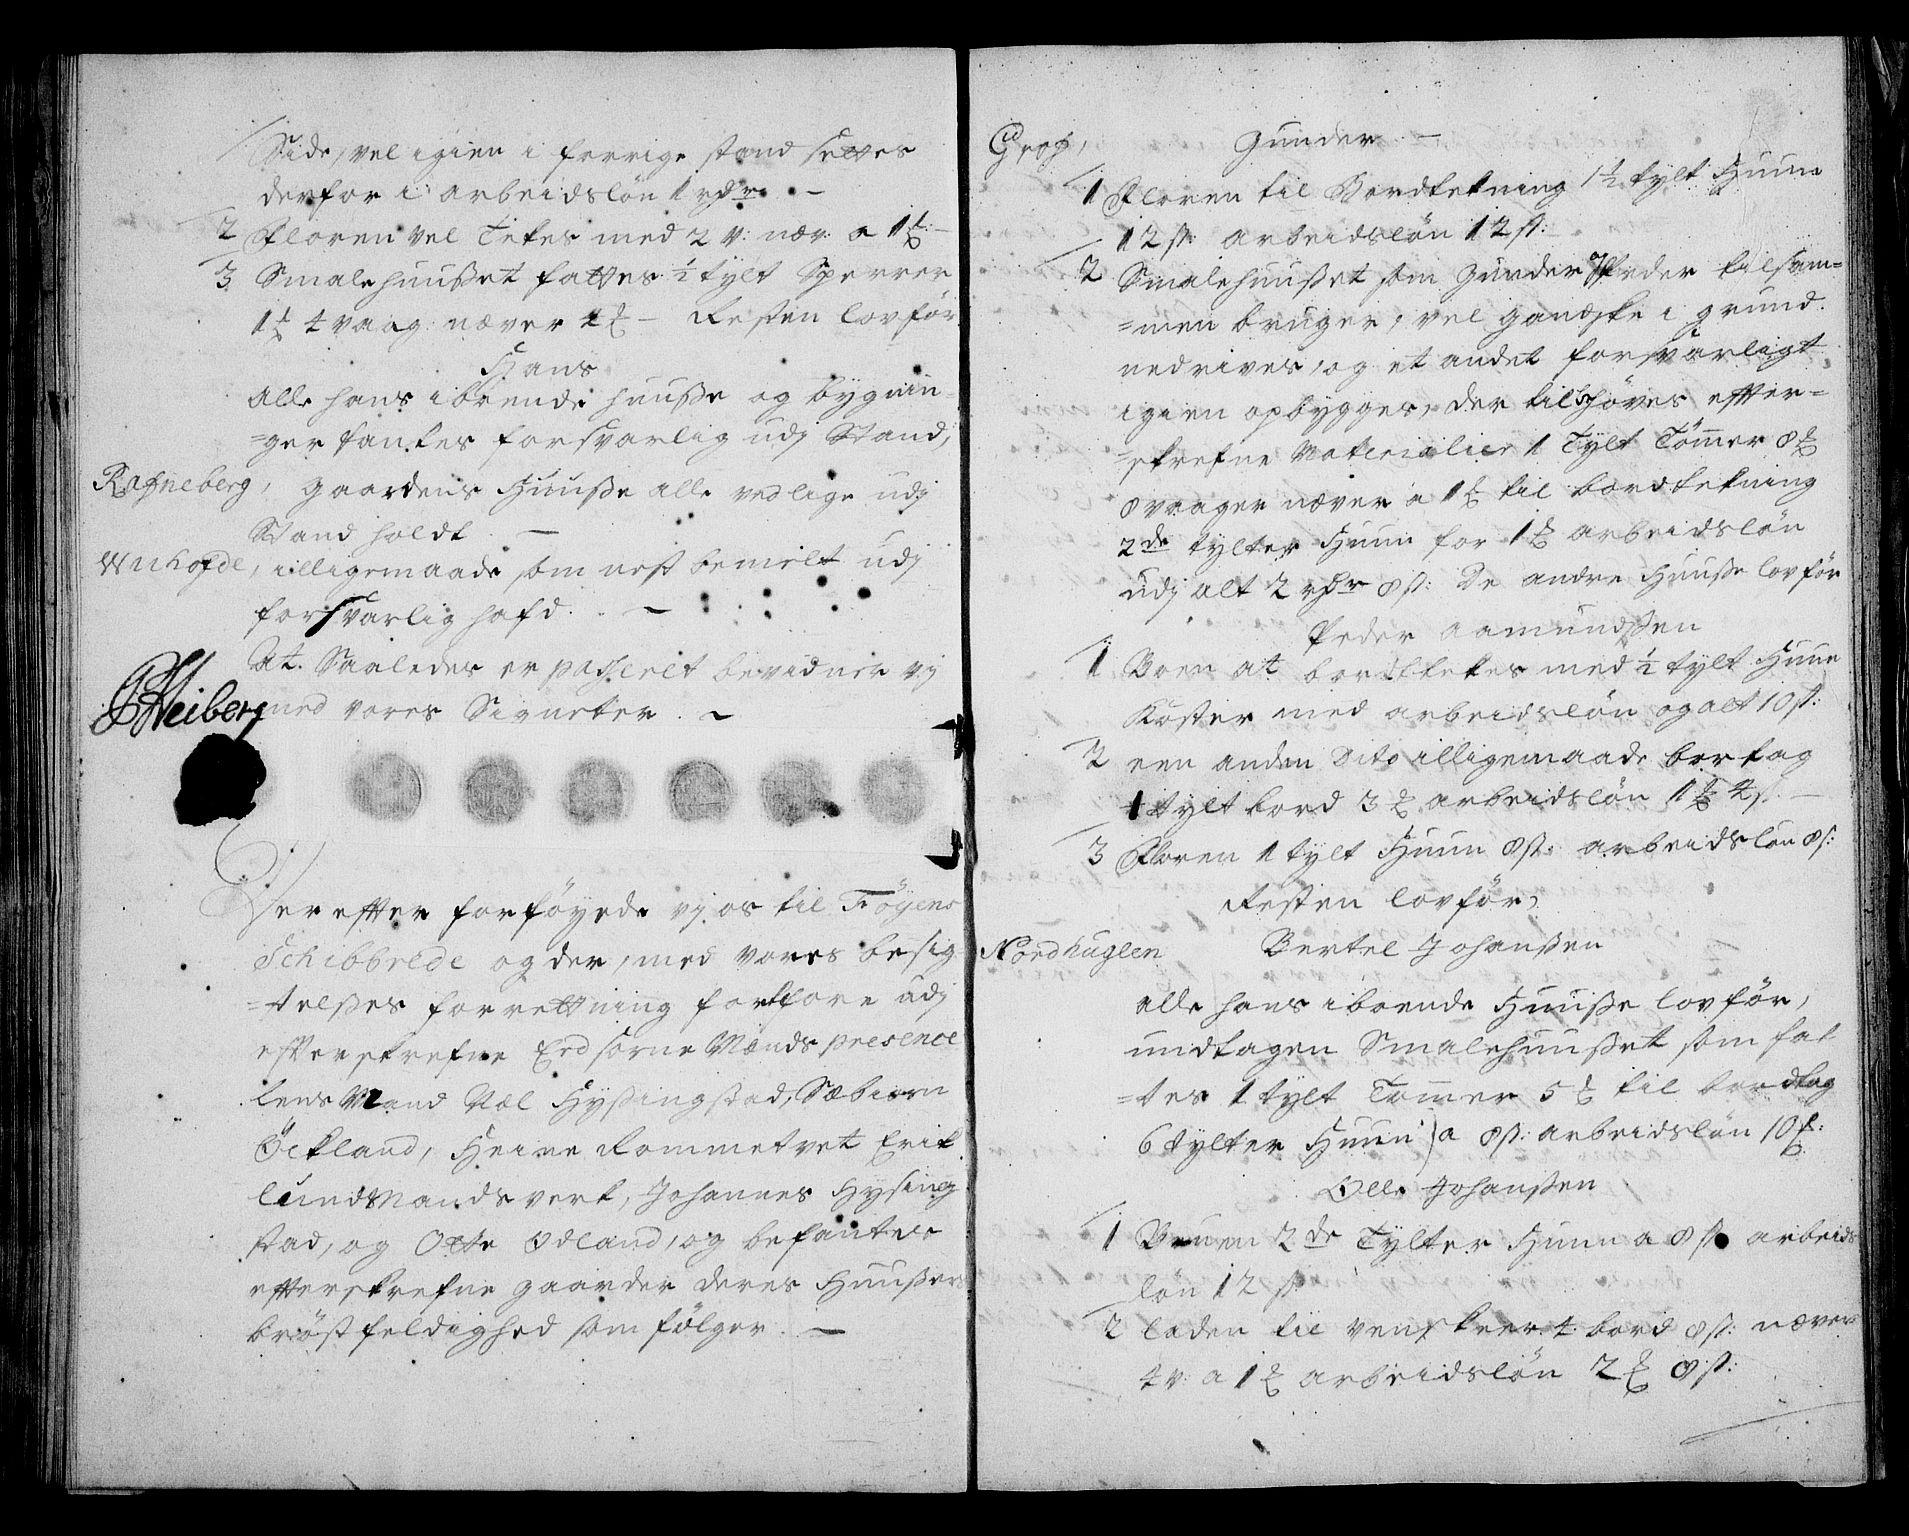 RA, Rentekammeret inntil 1814, Realistisk ordnet avdeling, On/L0003: [Jj 4]: Kommisjonsforretning over Vilhelm Hanssøns forpaktning av Halsnøy klosters gods, 1721-1729, s. 40